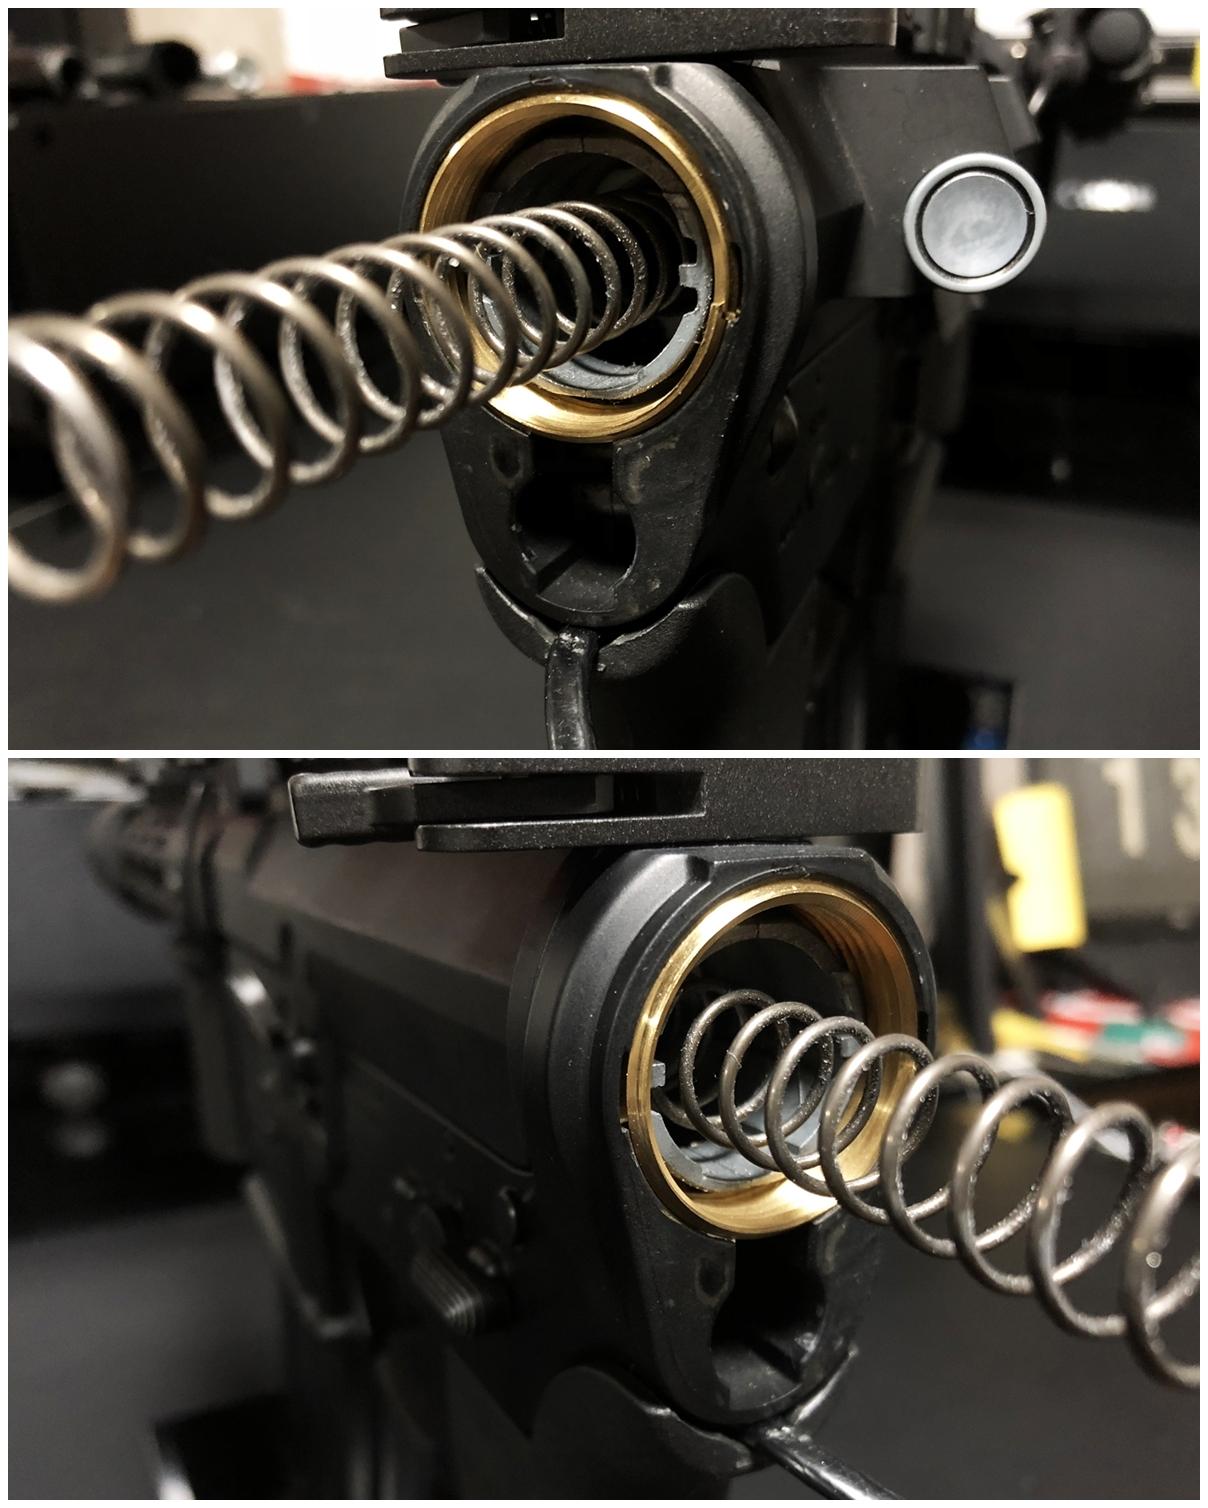 5 次世代 M4 CQB-R 電動ガン 実物 KAK SHOCKWAVE BLADE PISTOL AR-15 ストック 取付 改造 カスタム 大作戦 第7弾完結!! 最終 組み立て作業 & 初速 調整!! 実銃 ストックパイプ AR フォールディング 取付 リコイル ス